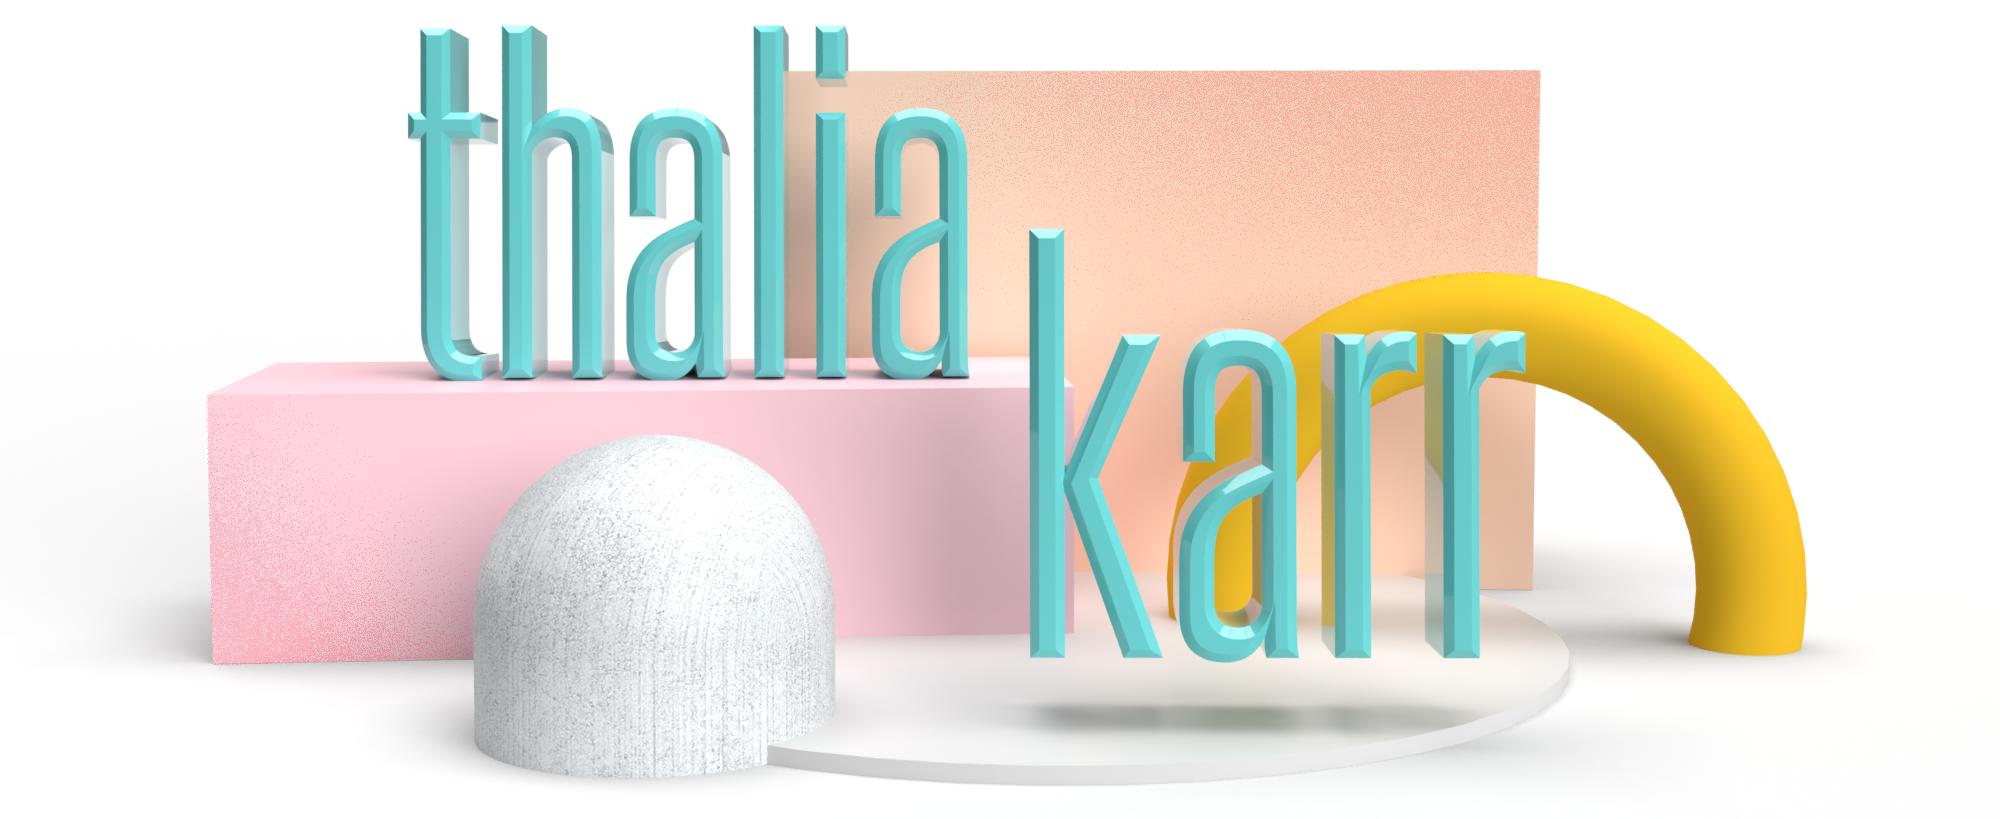 Thalia Karr